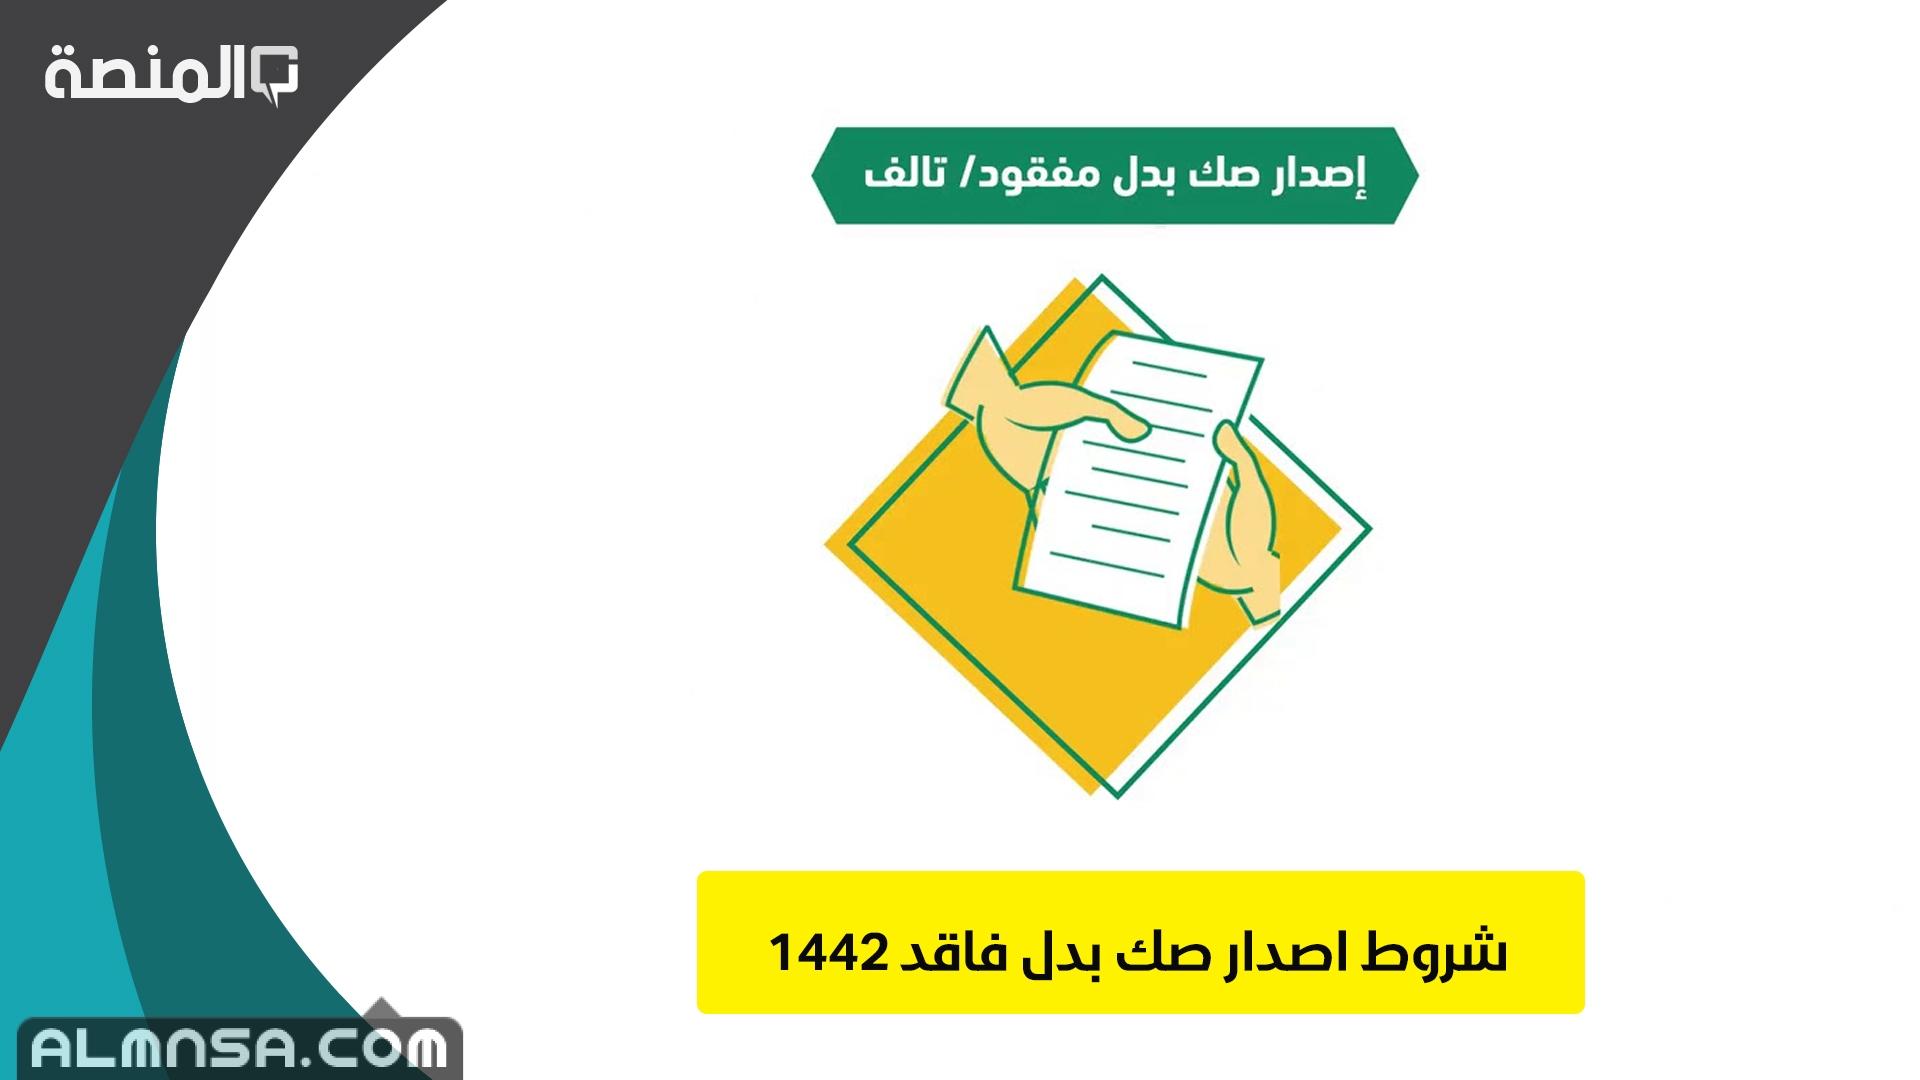 شروط اصدار صك بدل فاقد 1442 المنصة